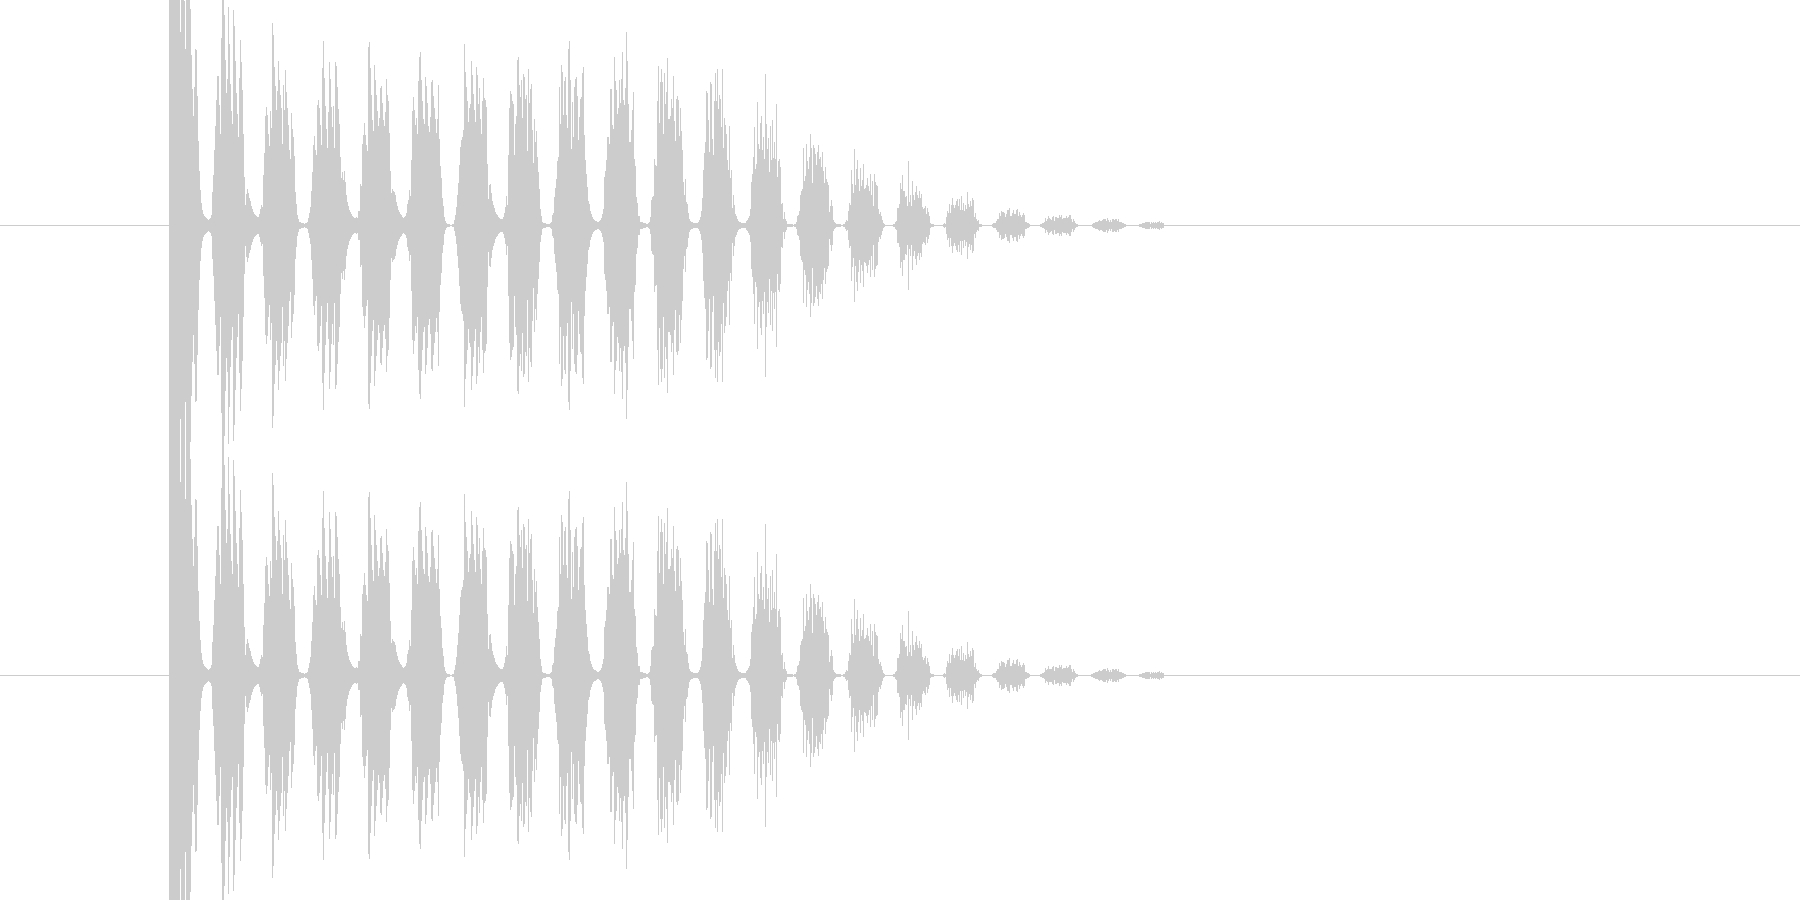 バシ ドン なパンチ、キックの打撃音03の未再生の波形